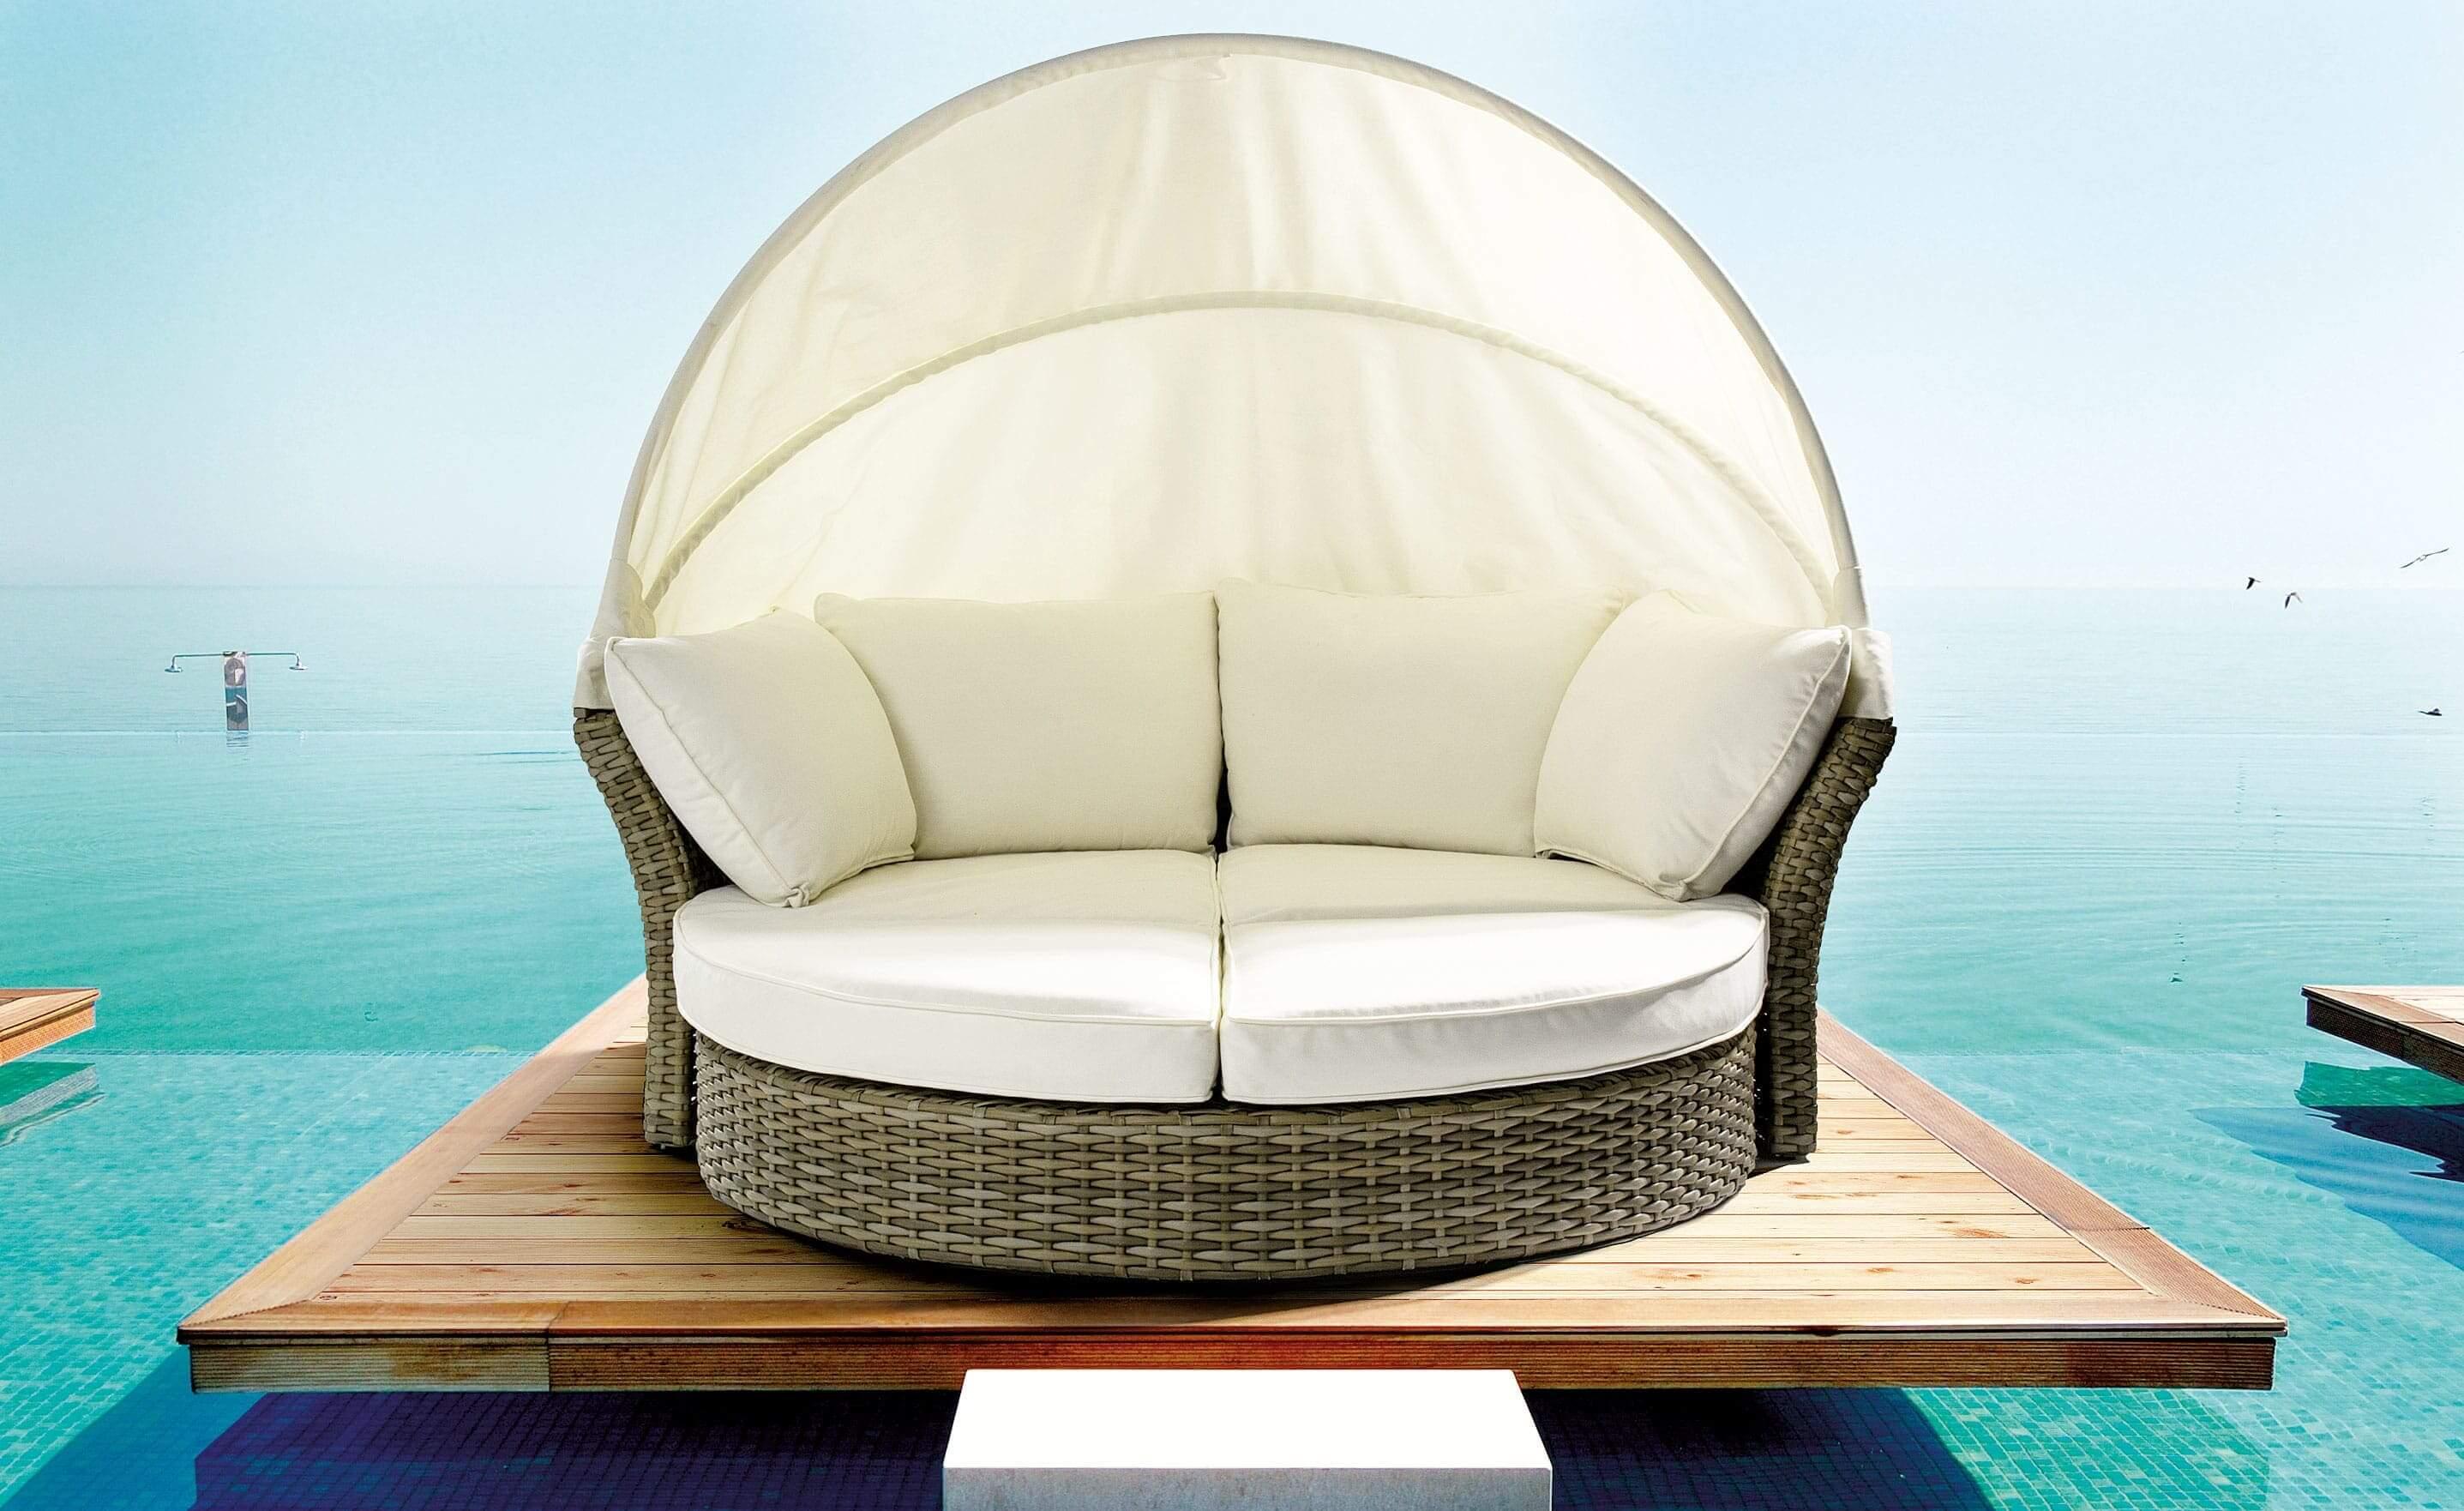 jardin-y-terraza-General-muebles-paco-caballero-060-5cb1b85c896ba